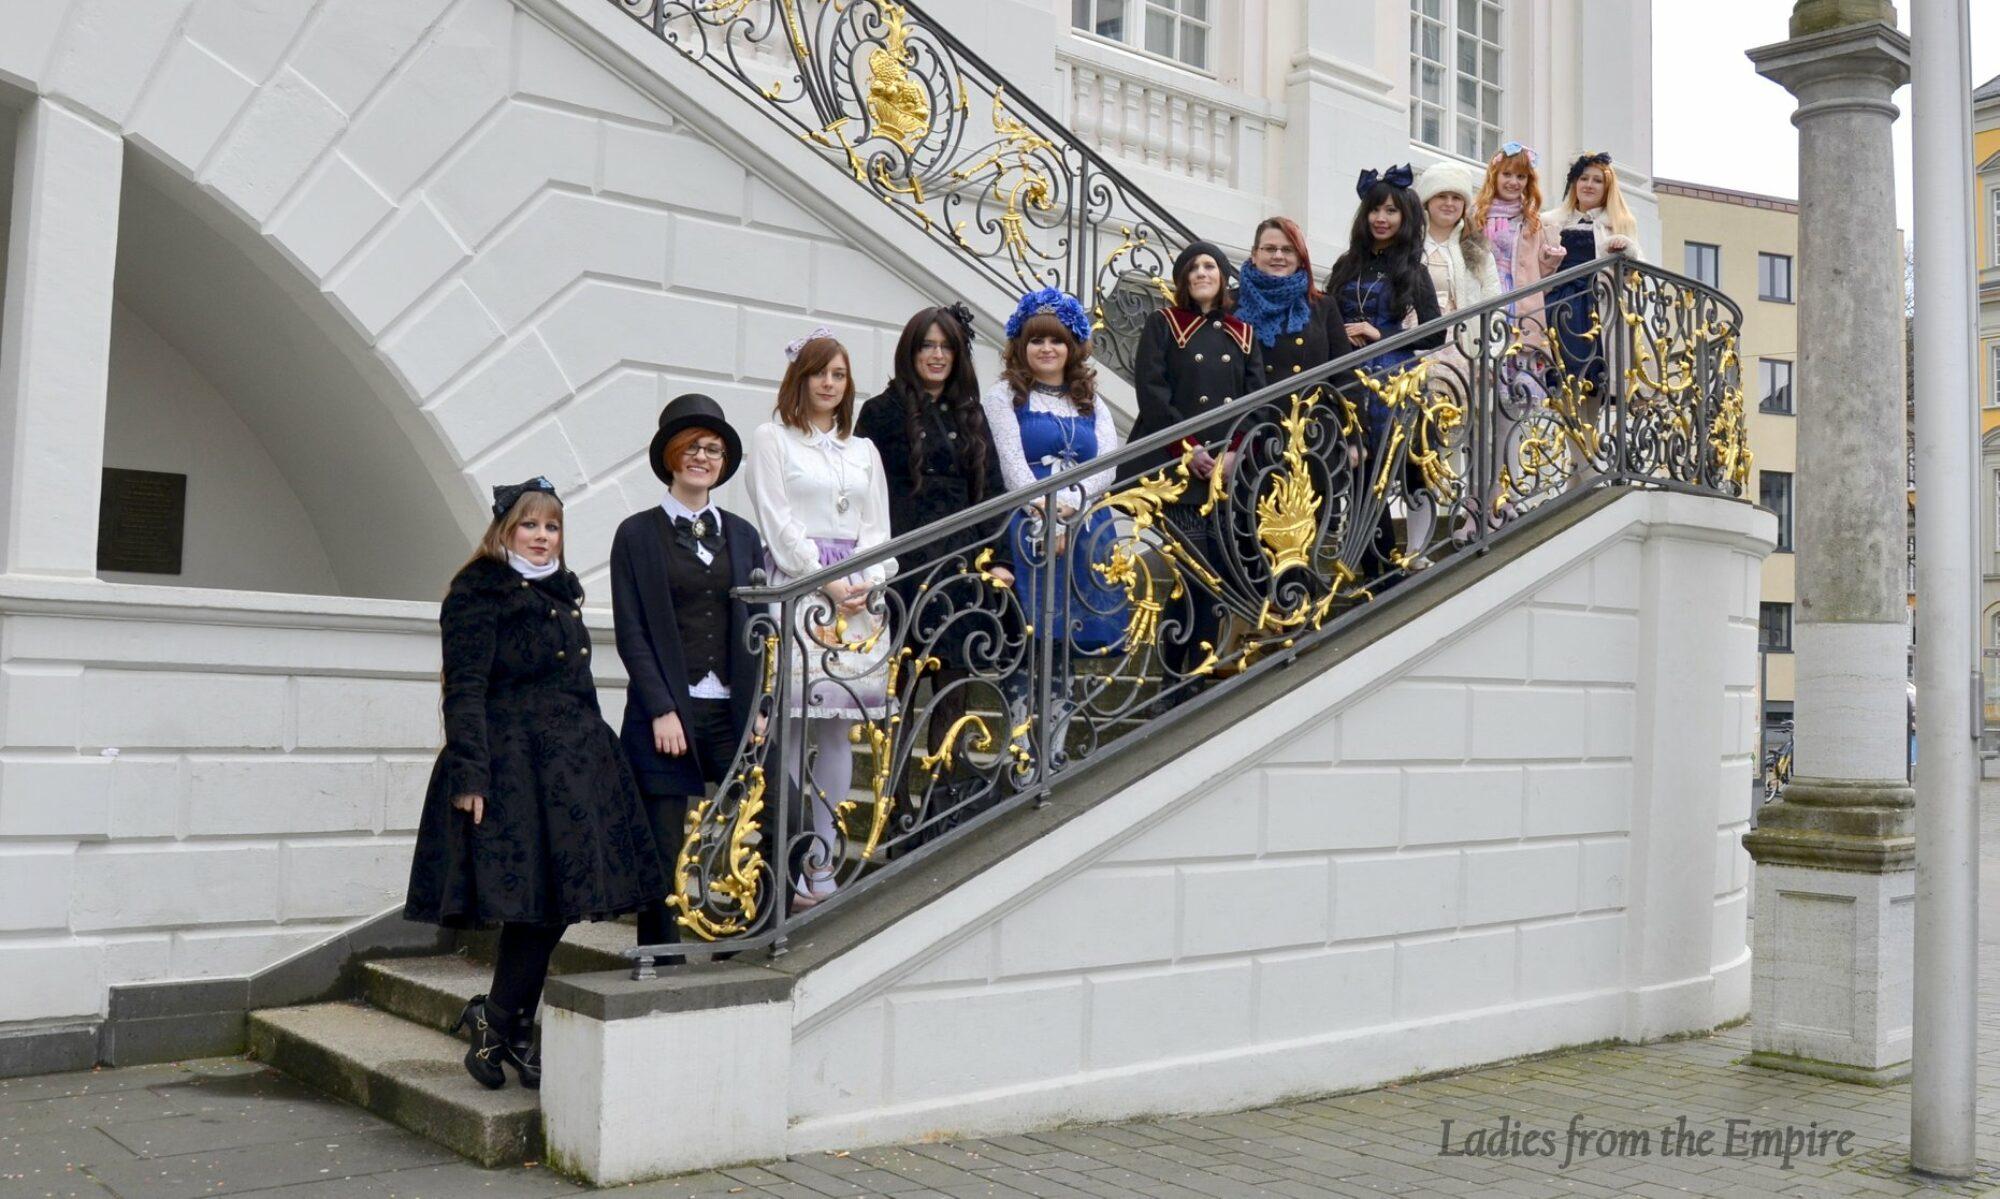 Empire Ladies